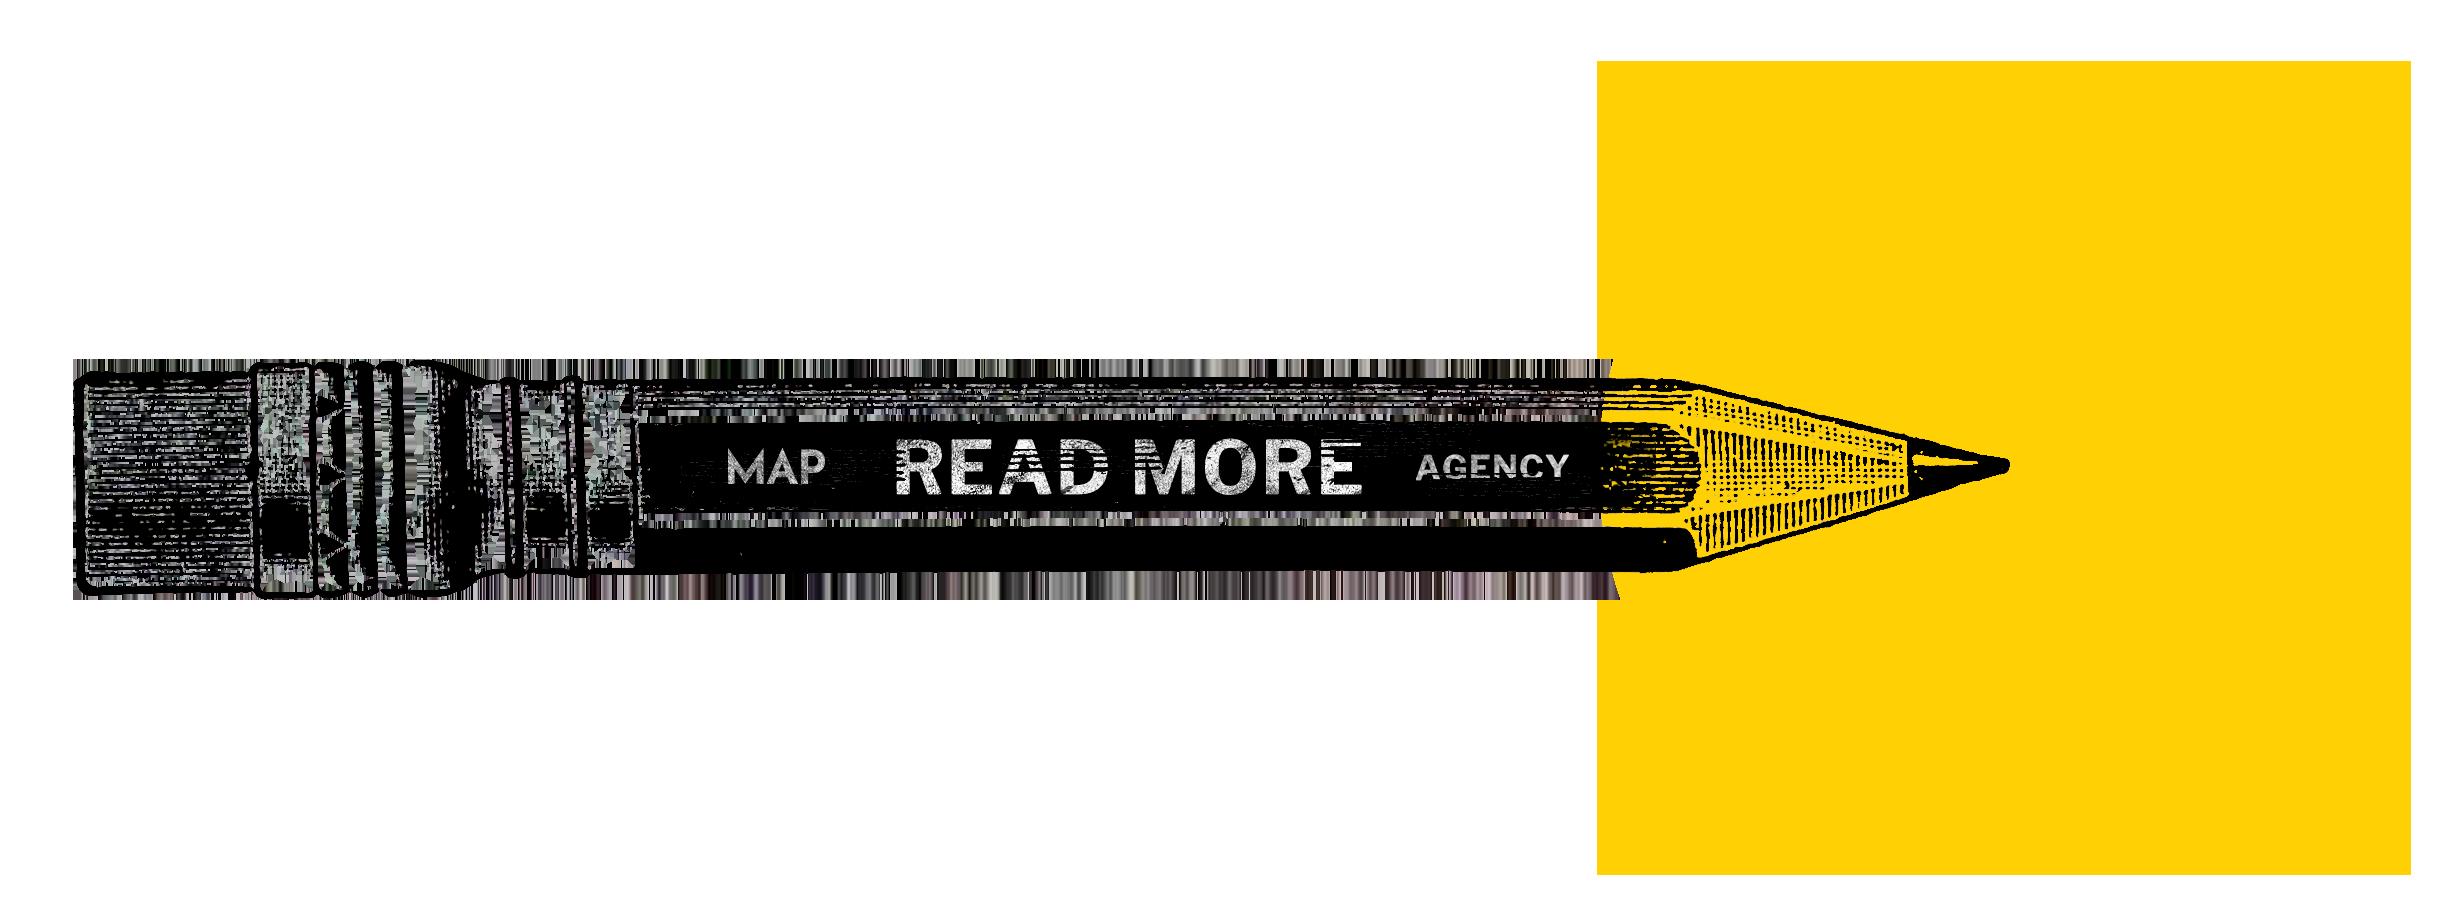 ReadMore-1